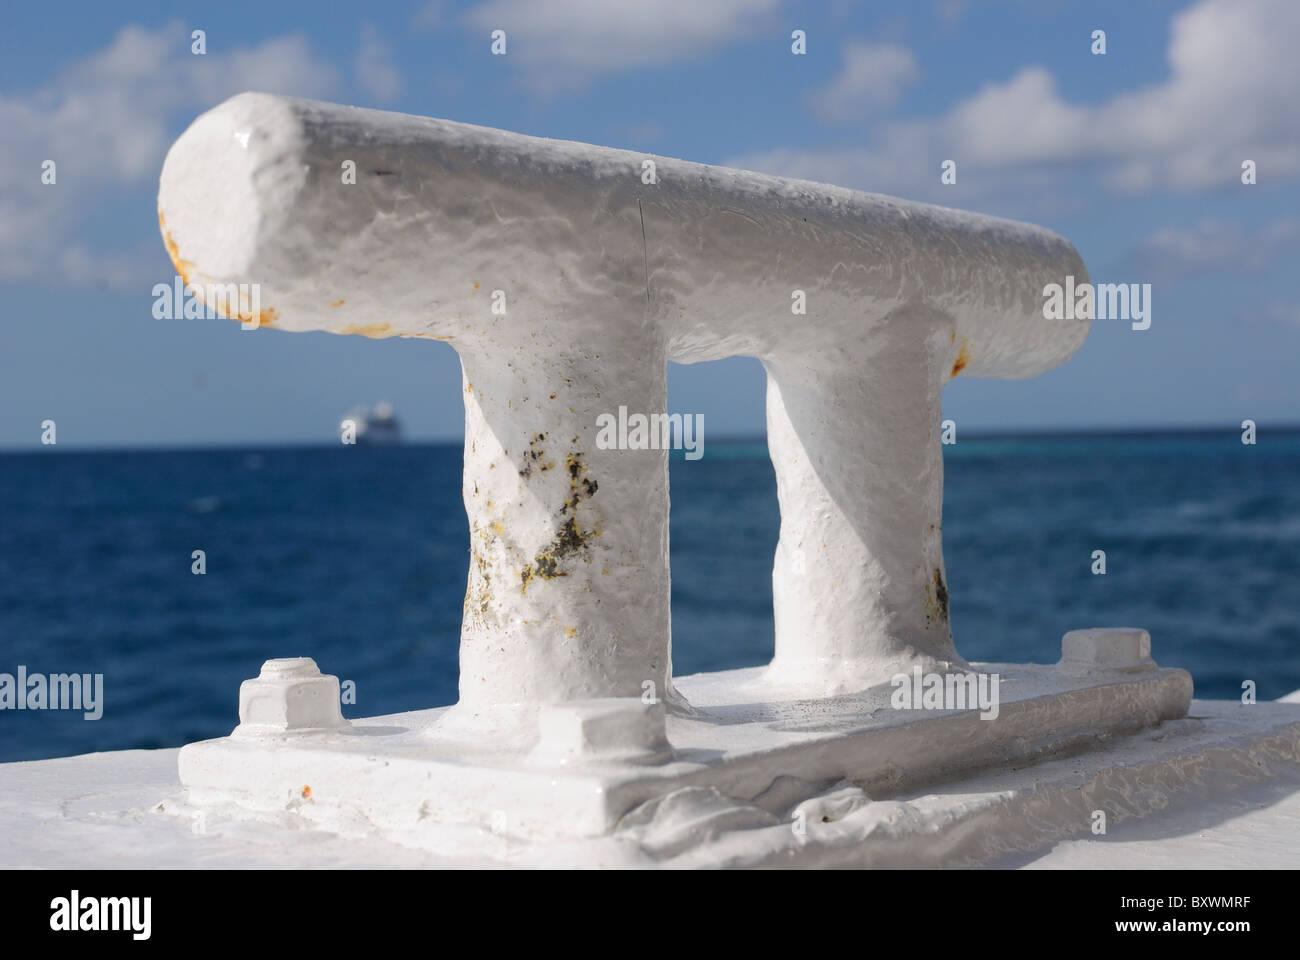 D'un crochet pour la fixation sur un bateau corde Photo Stock